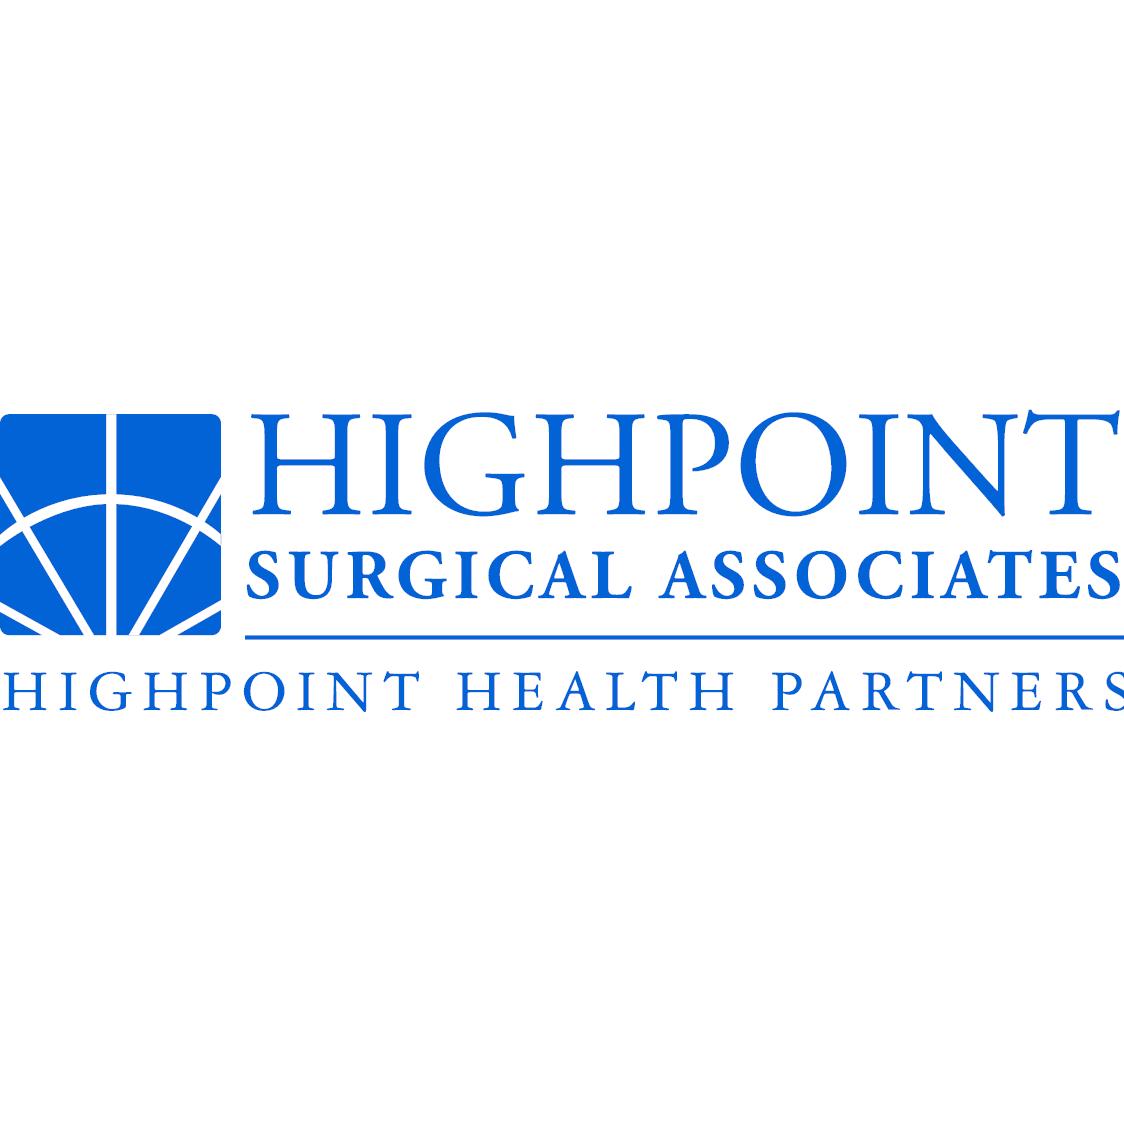 HighPoint Surgical Associates